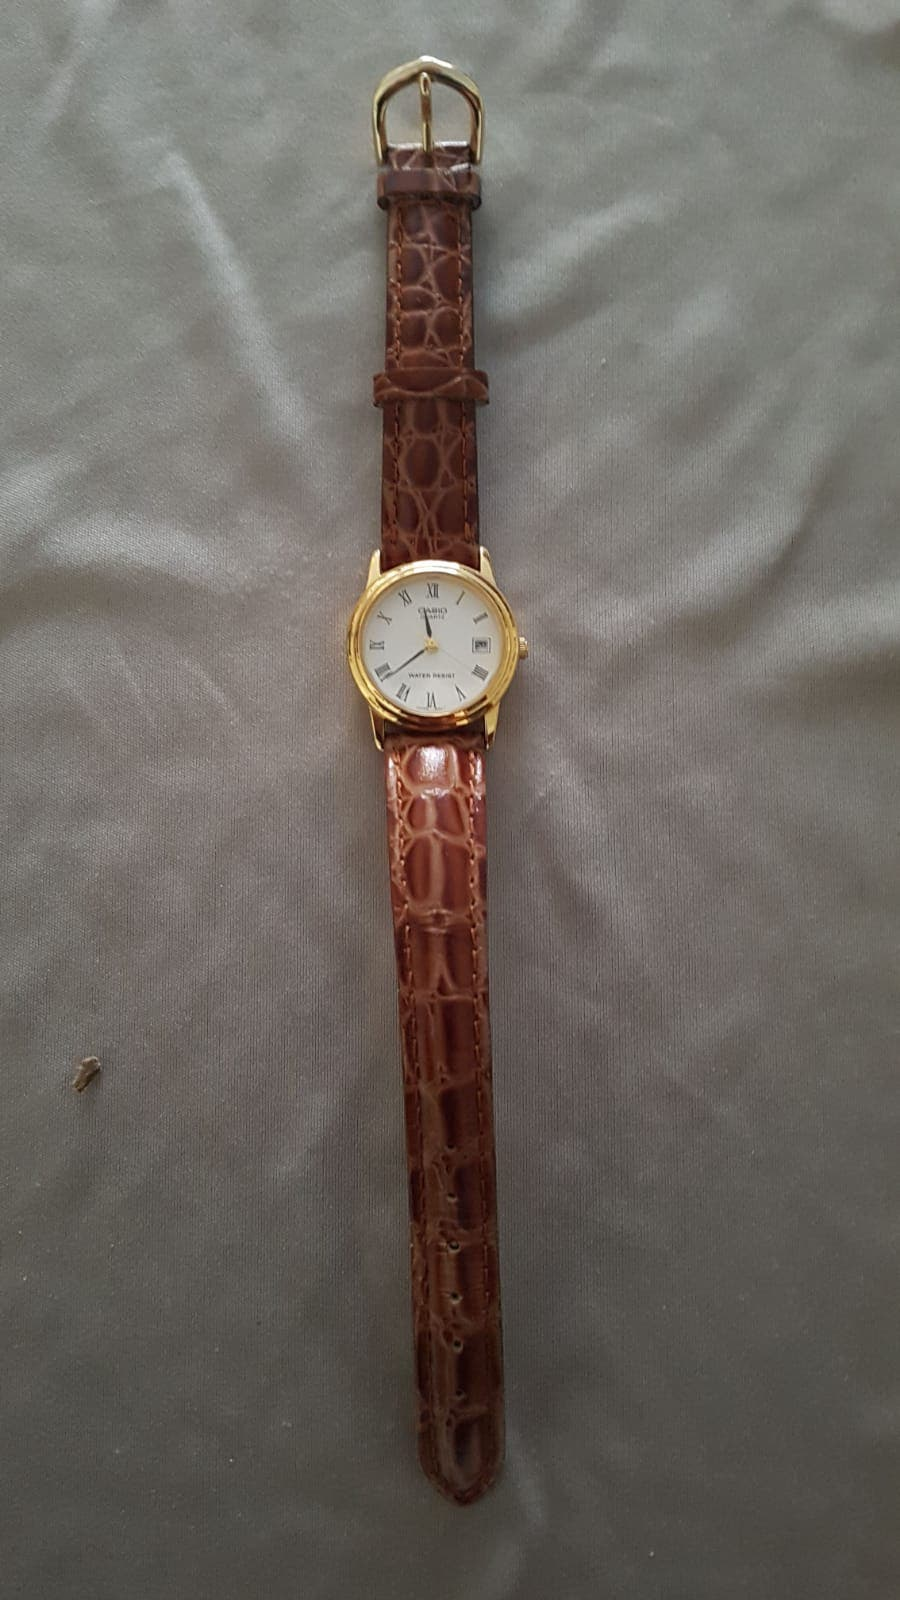 bd3b331e3c17 Reloj pulsera CASIO - España - Vendo reloj de mujer muy bonito de la marca  CASIO